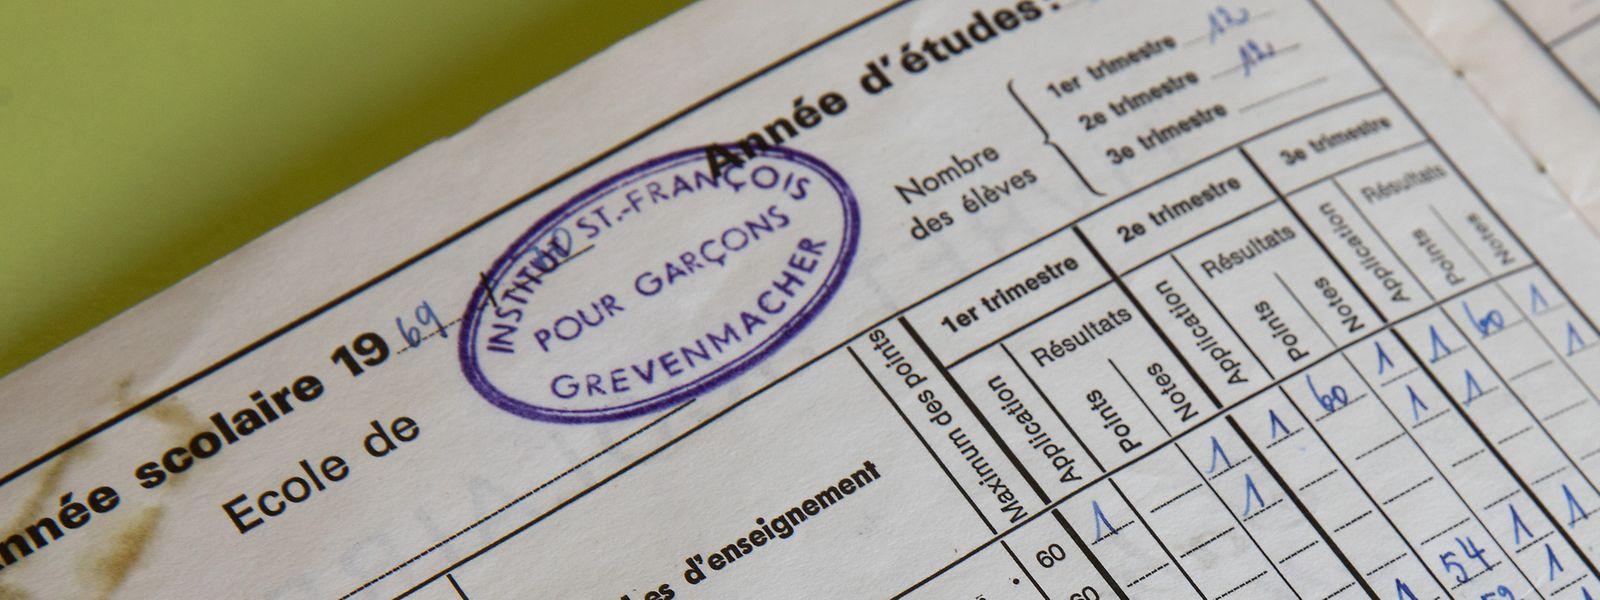 Am Institut St. Francois in Grevenmacher kam es in den 60er und 70er Jahren zu Fällen von sexuellem Missbrauch.